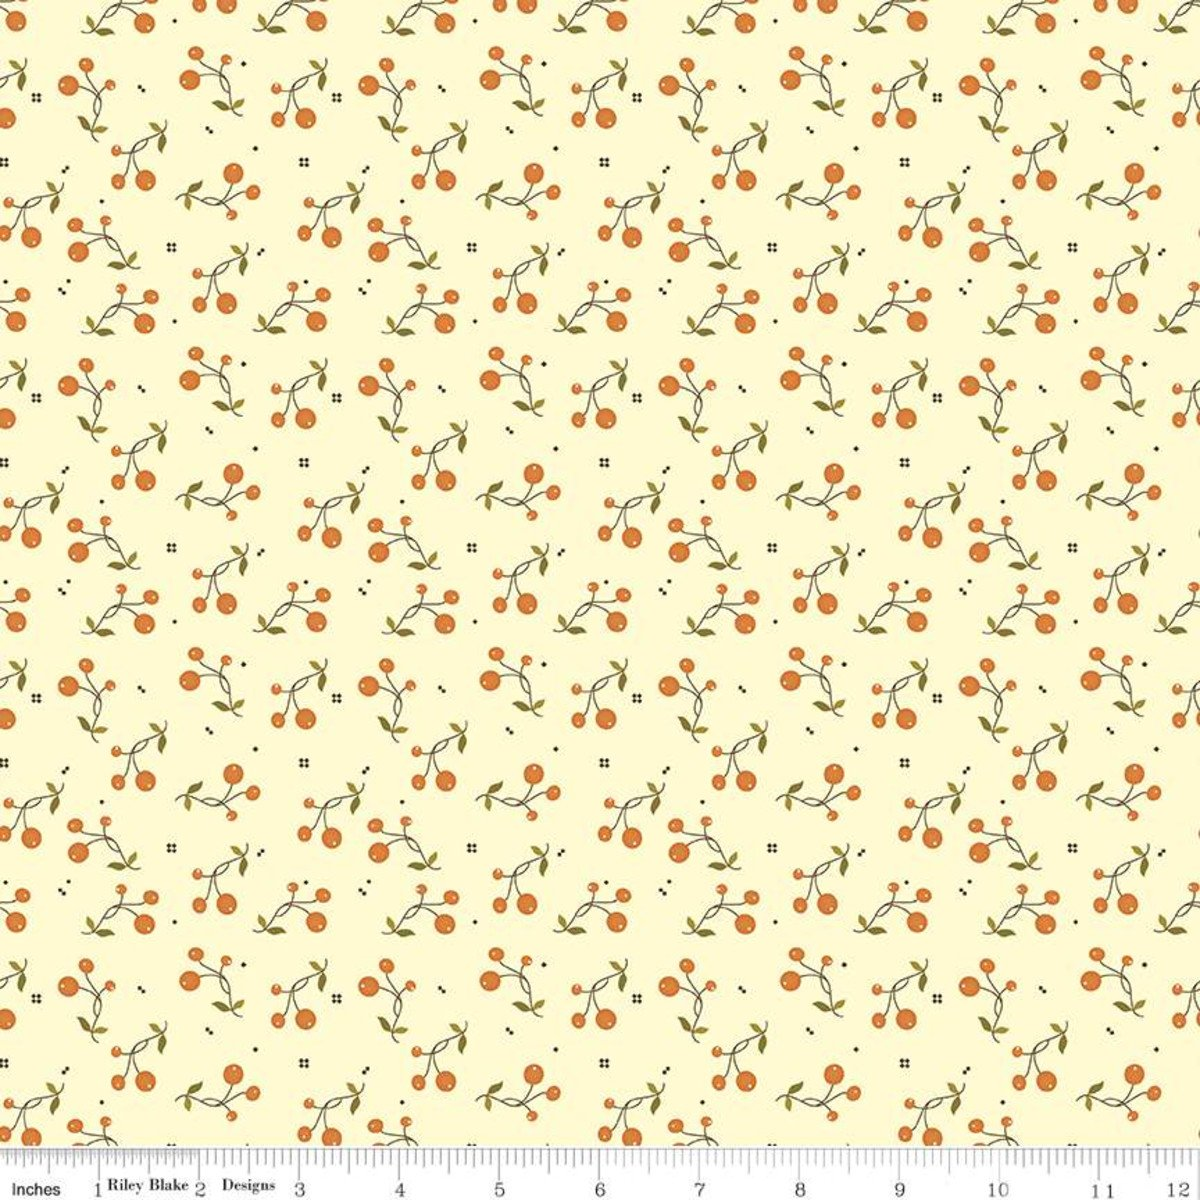 Adel in Autumn - Berries - Cream